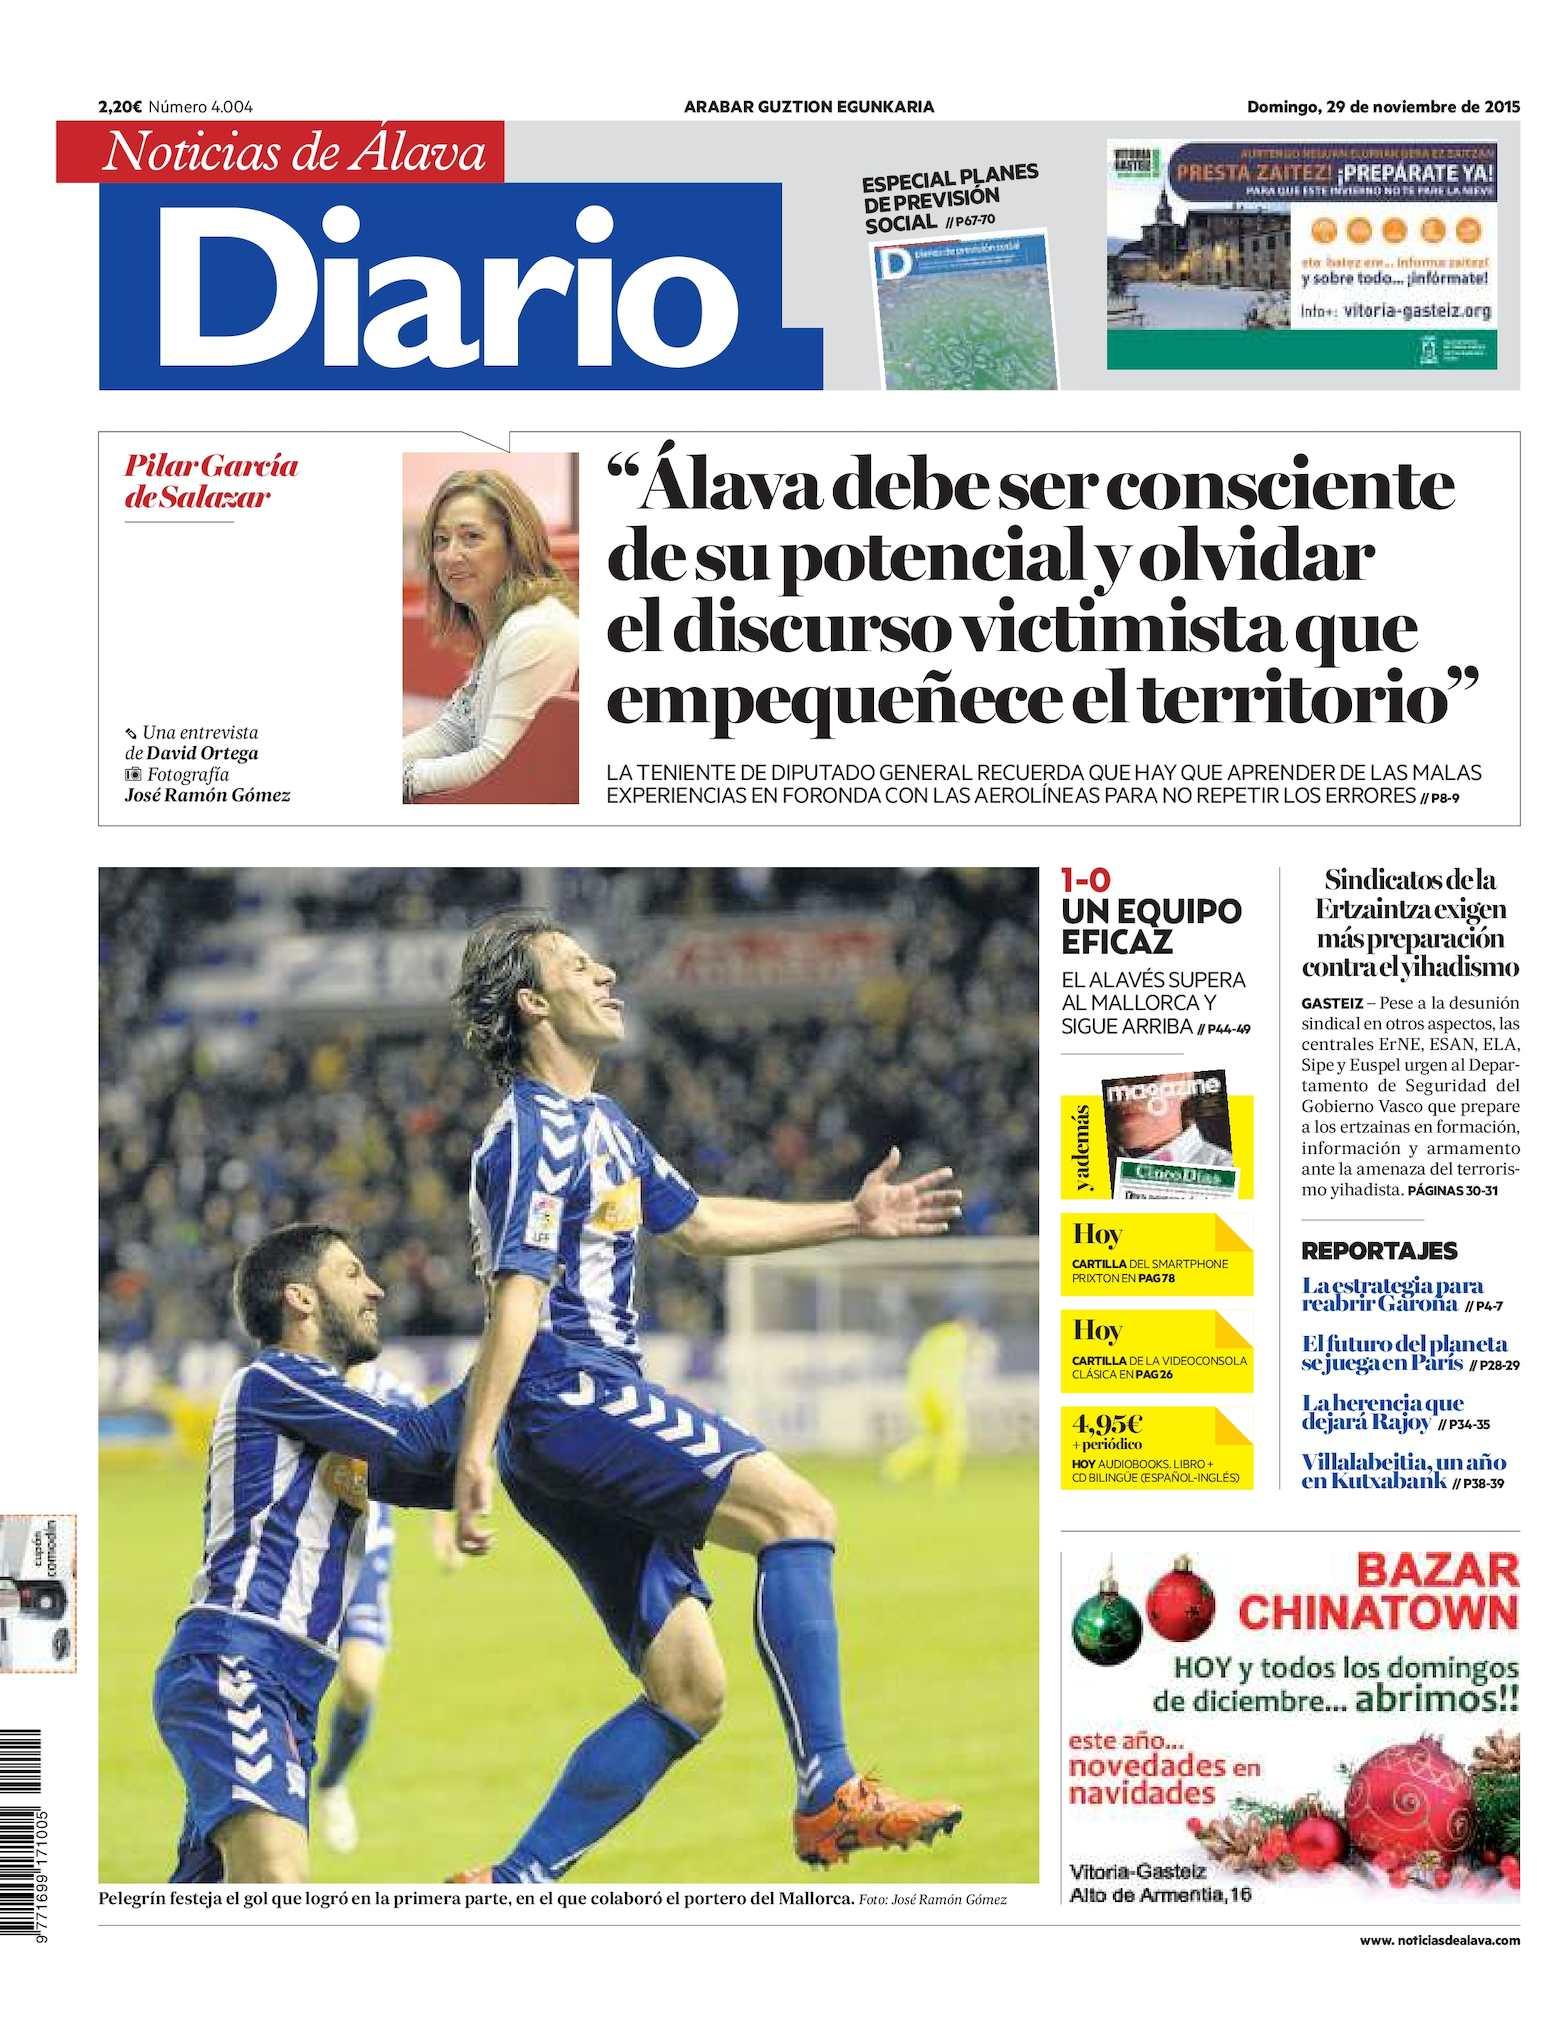 Calaméo - Diario de Noticias de Álava 20151129 00a0044296f3f